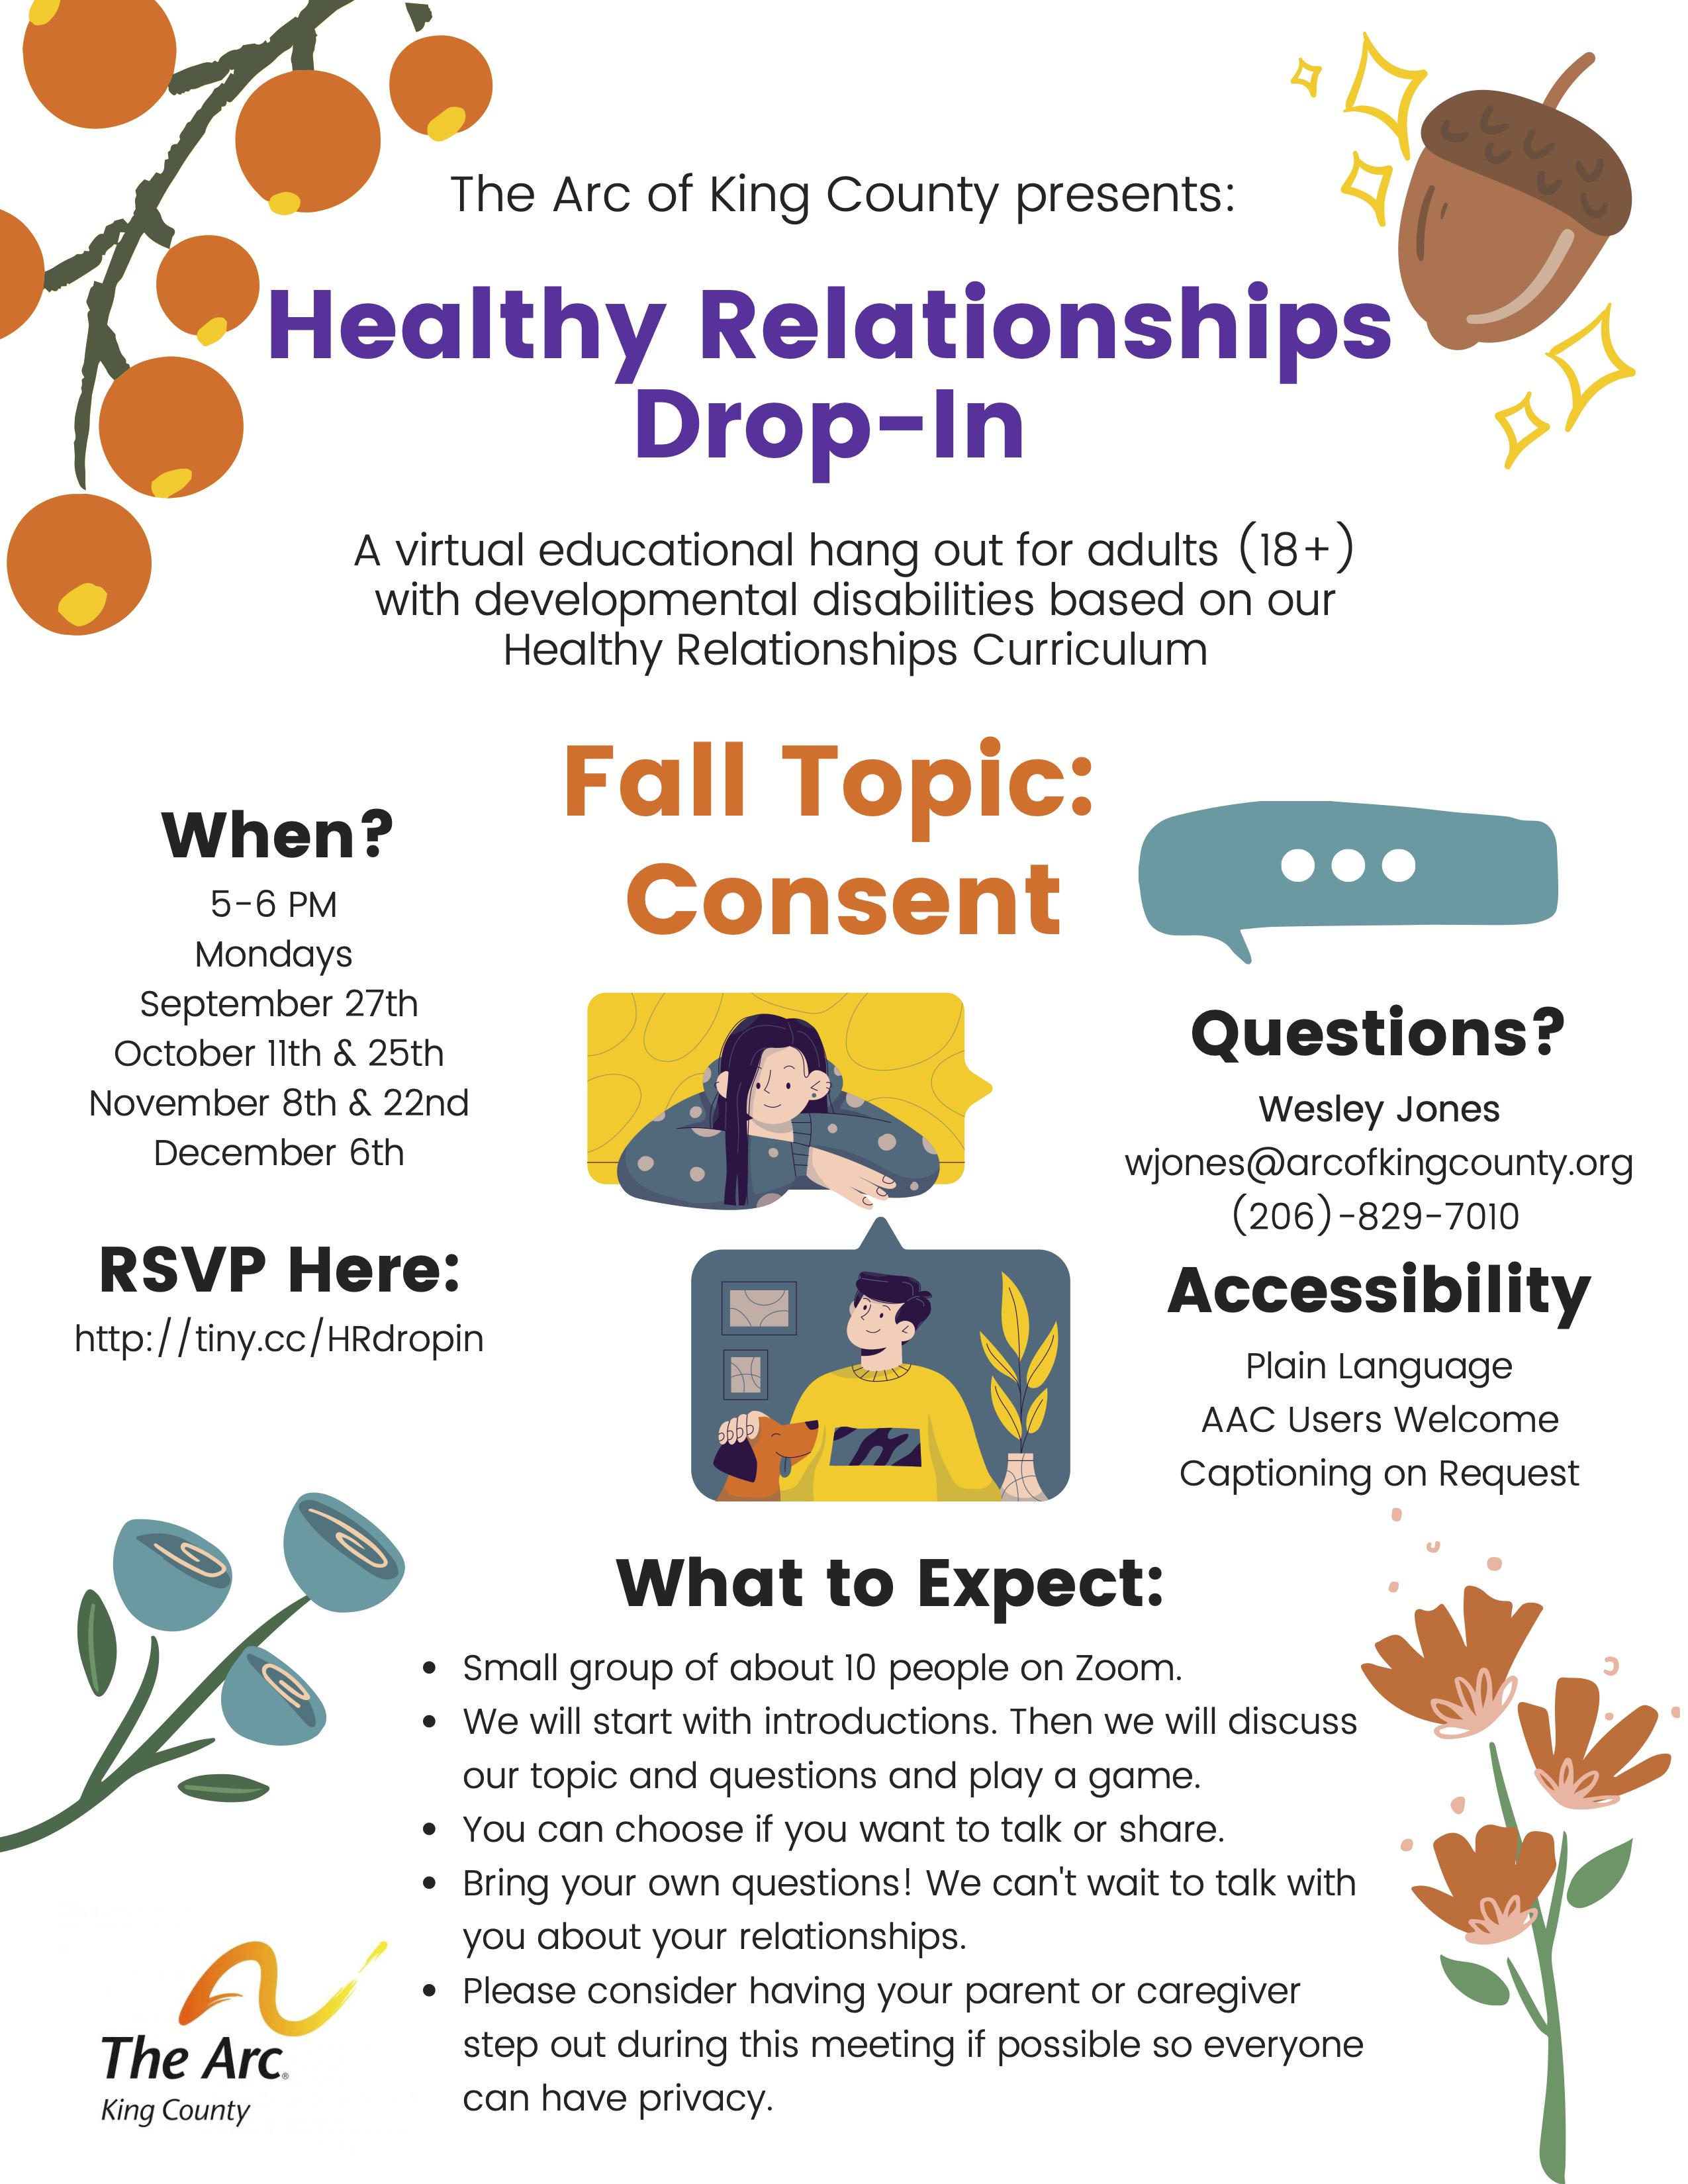 Healthy Relationship Drop-In Flyer